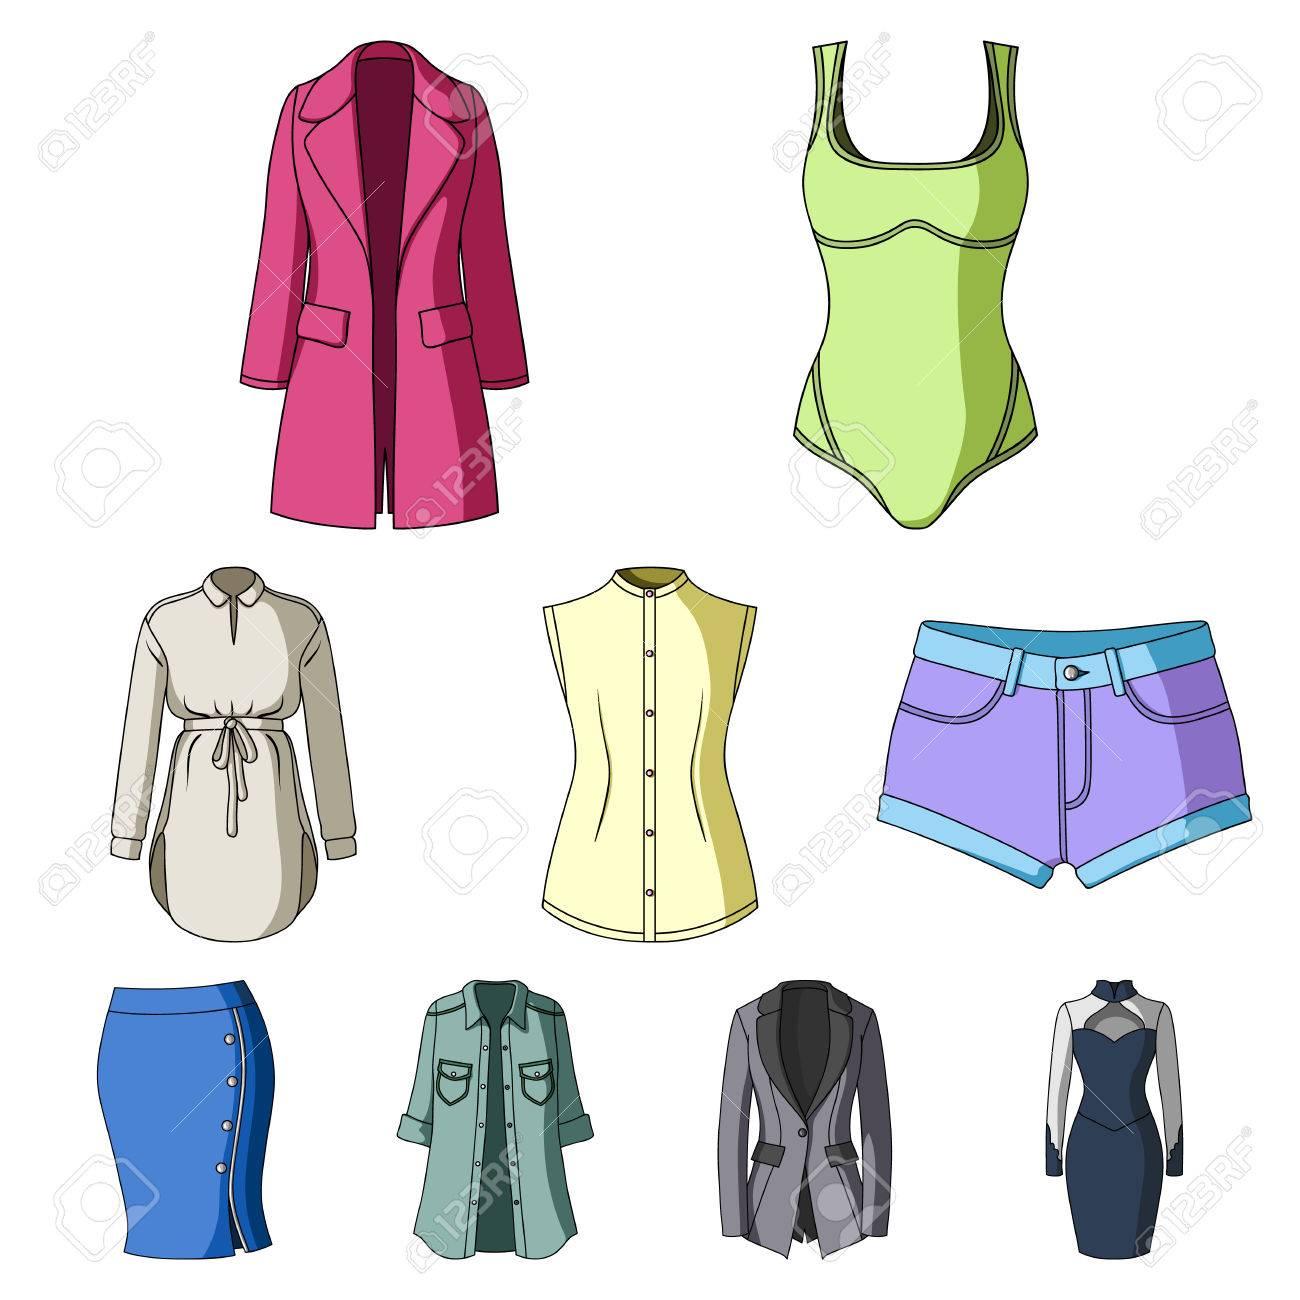 Colección De Iconos De Ropa De Mujer Varias Prendas De Vestir Para Mujeres Para El Trabajo Caminar Deportes Icono De Ropa De Mujer En La Colección